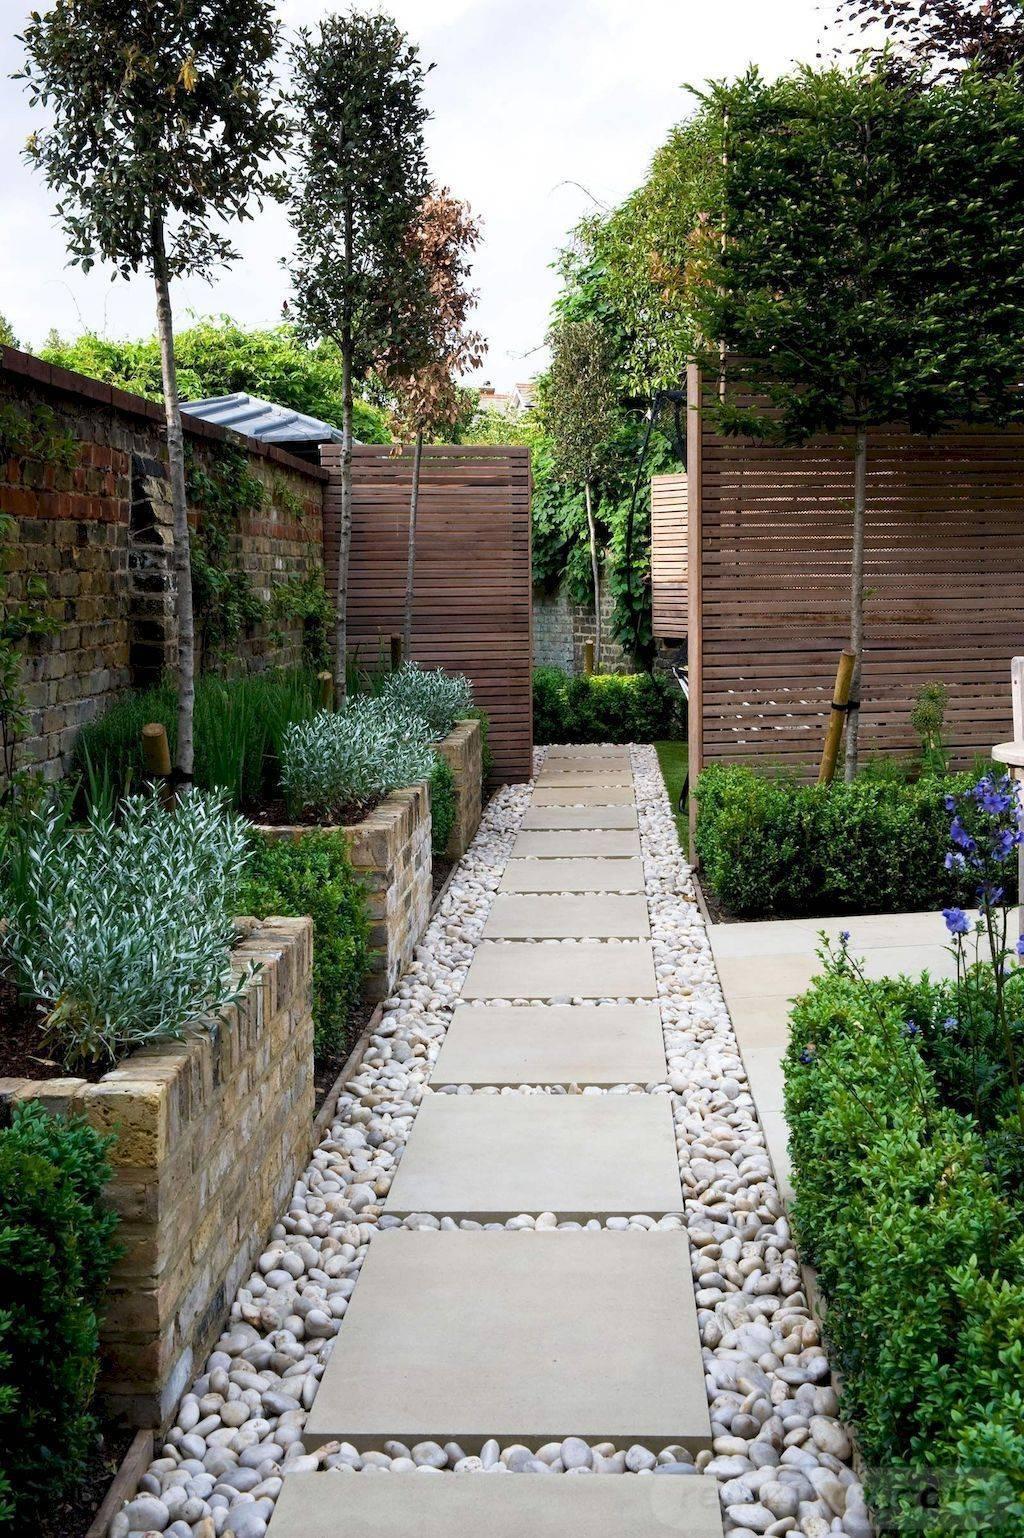 tropical garden ideas-308355905738013904